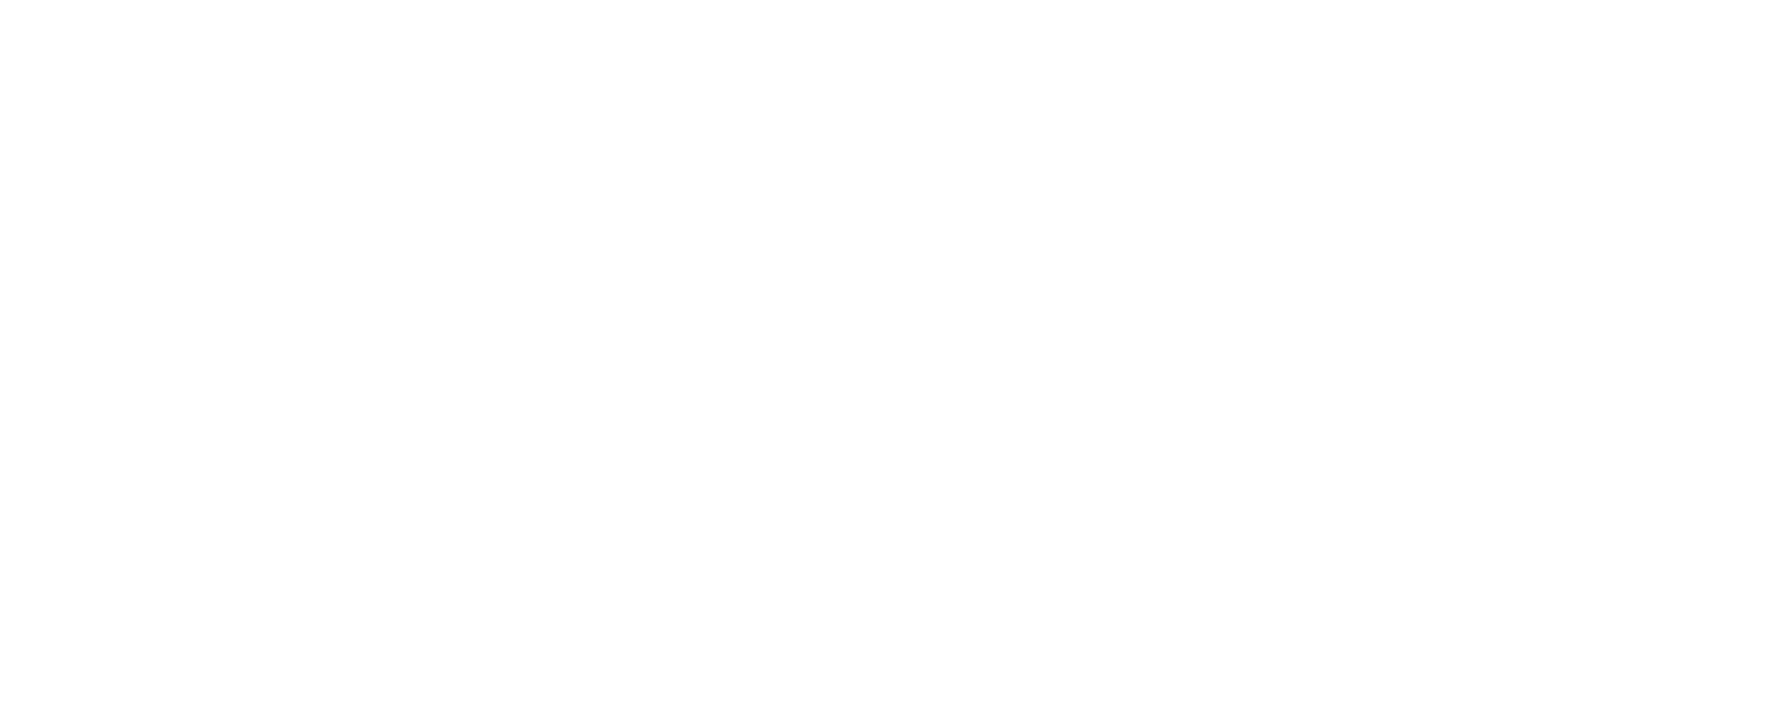 Ultima Online Samurai Empire